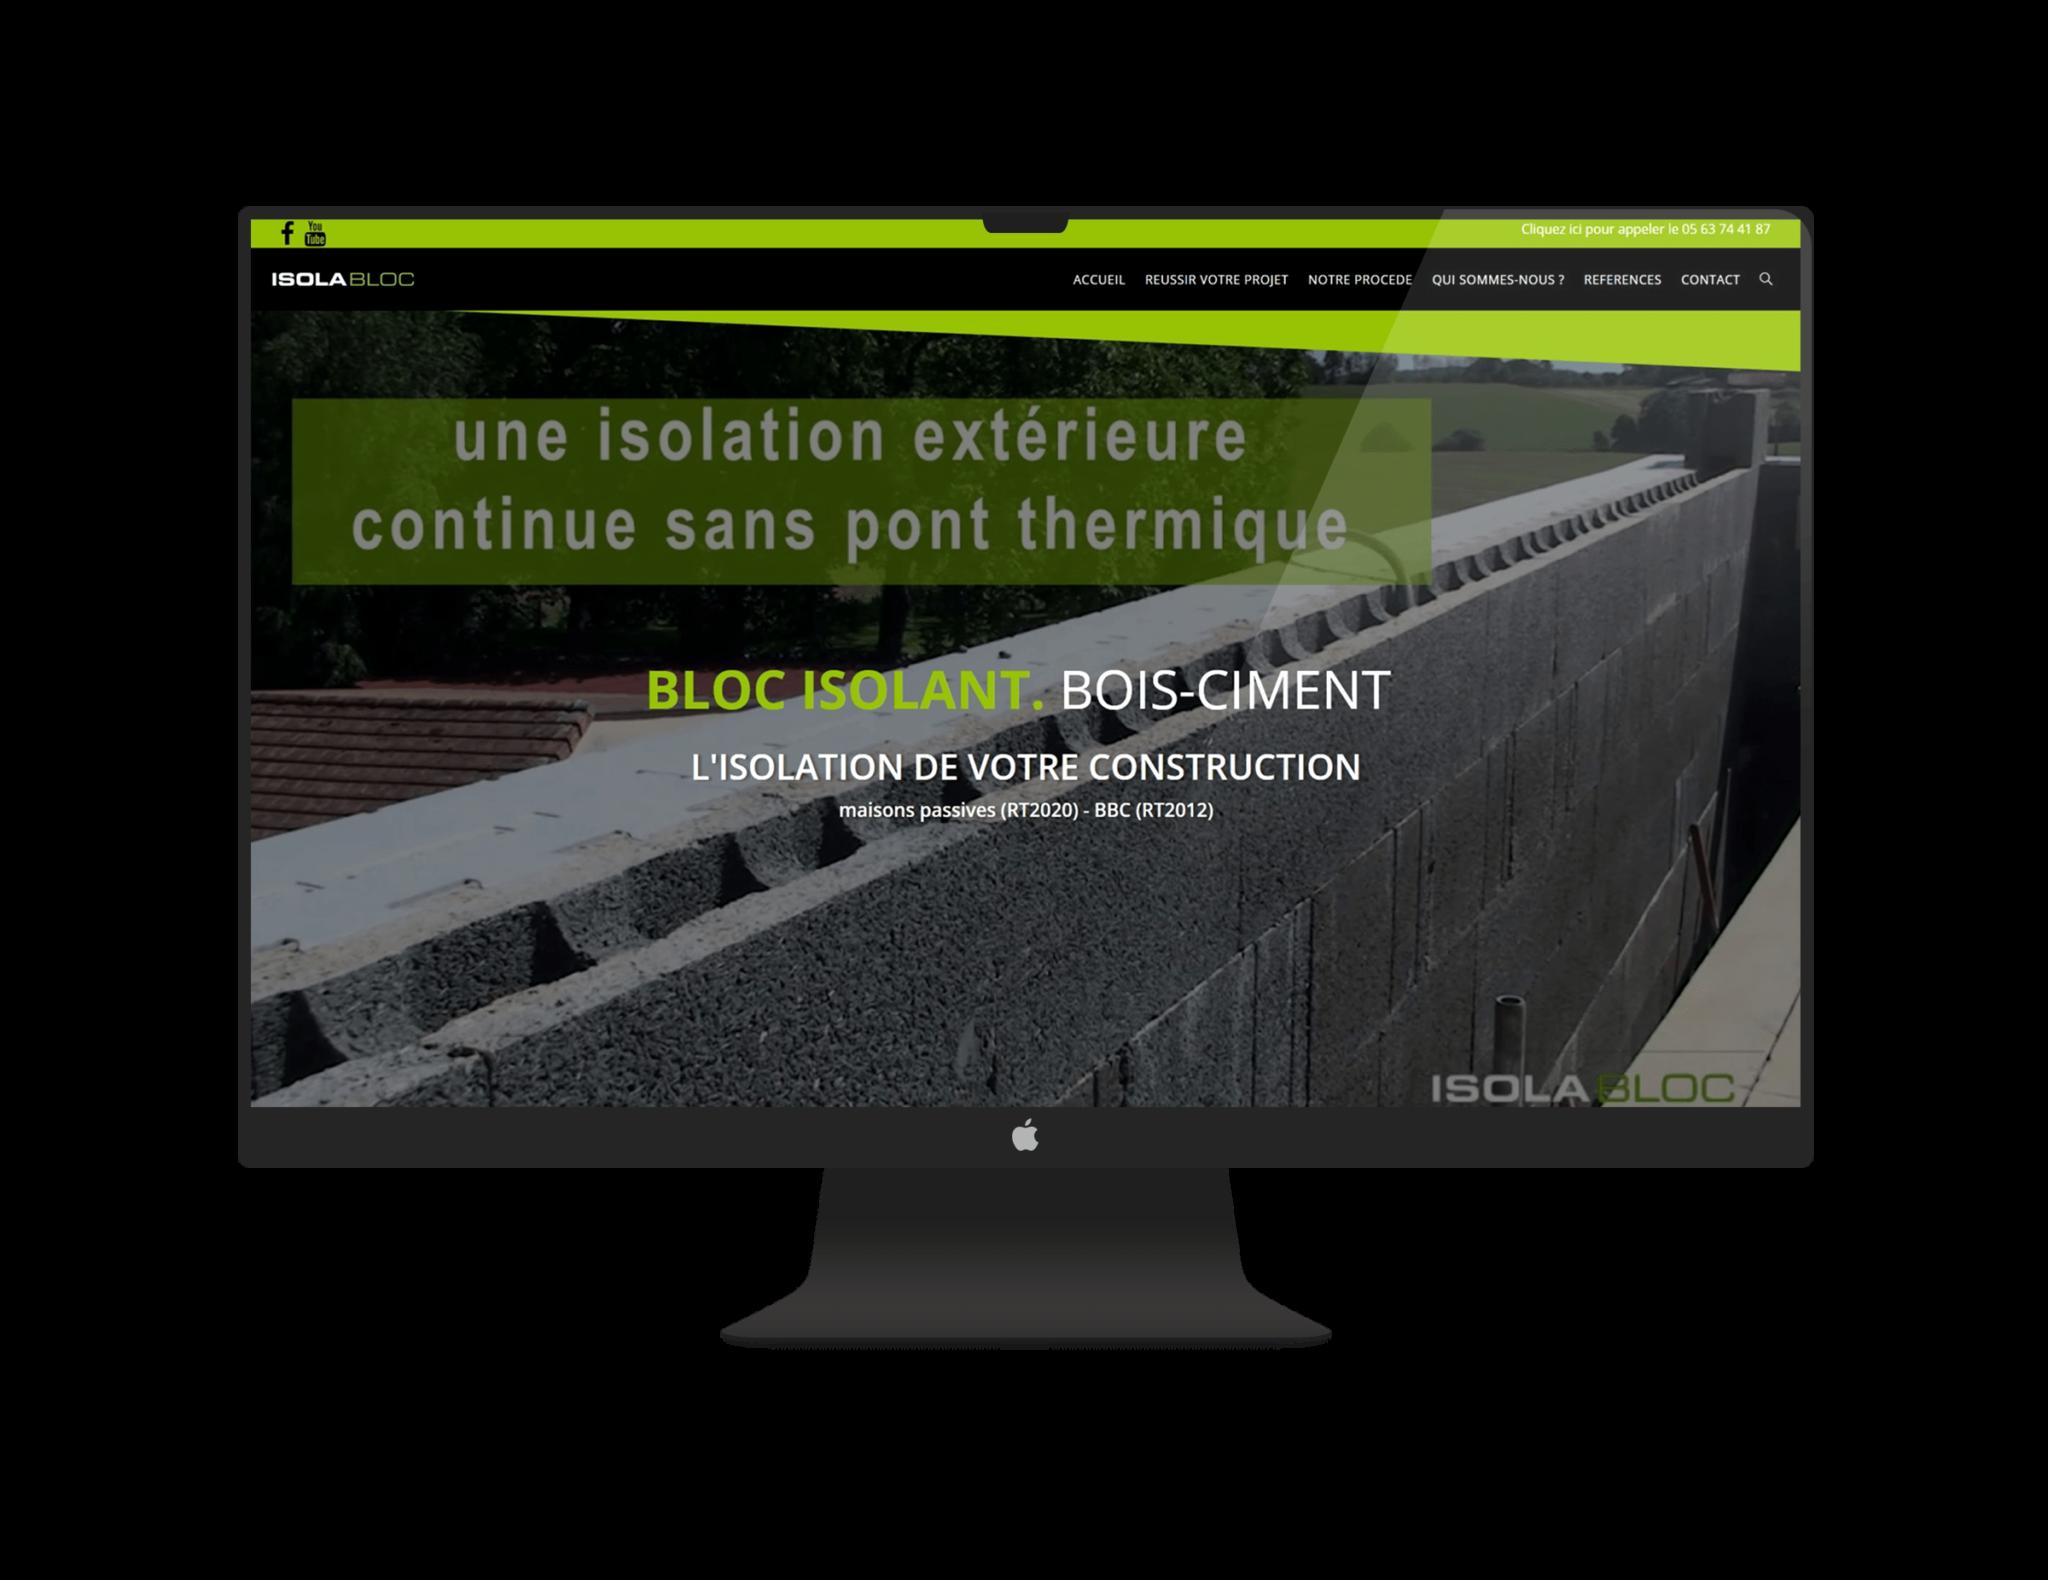 agence-creation-site-graphics-landes-aquitaine-mont-de-marsan-vitrine-biarritz-pau-bayonne